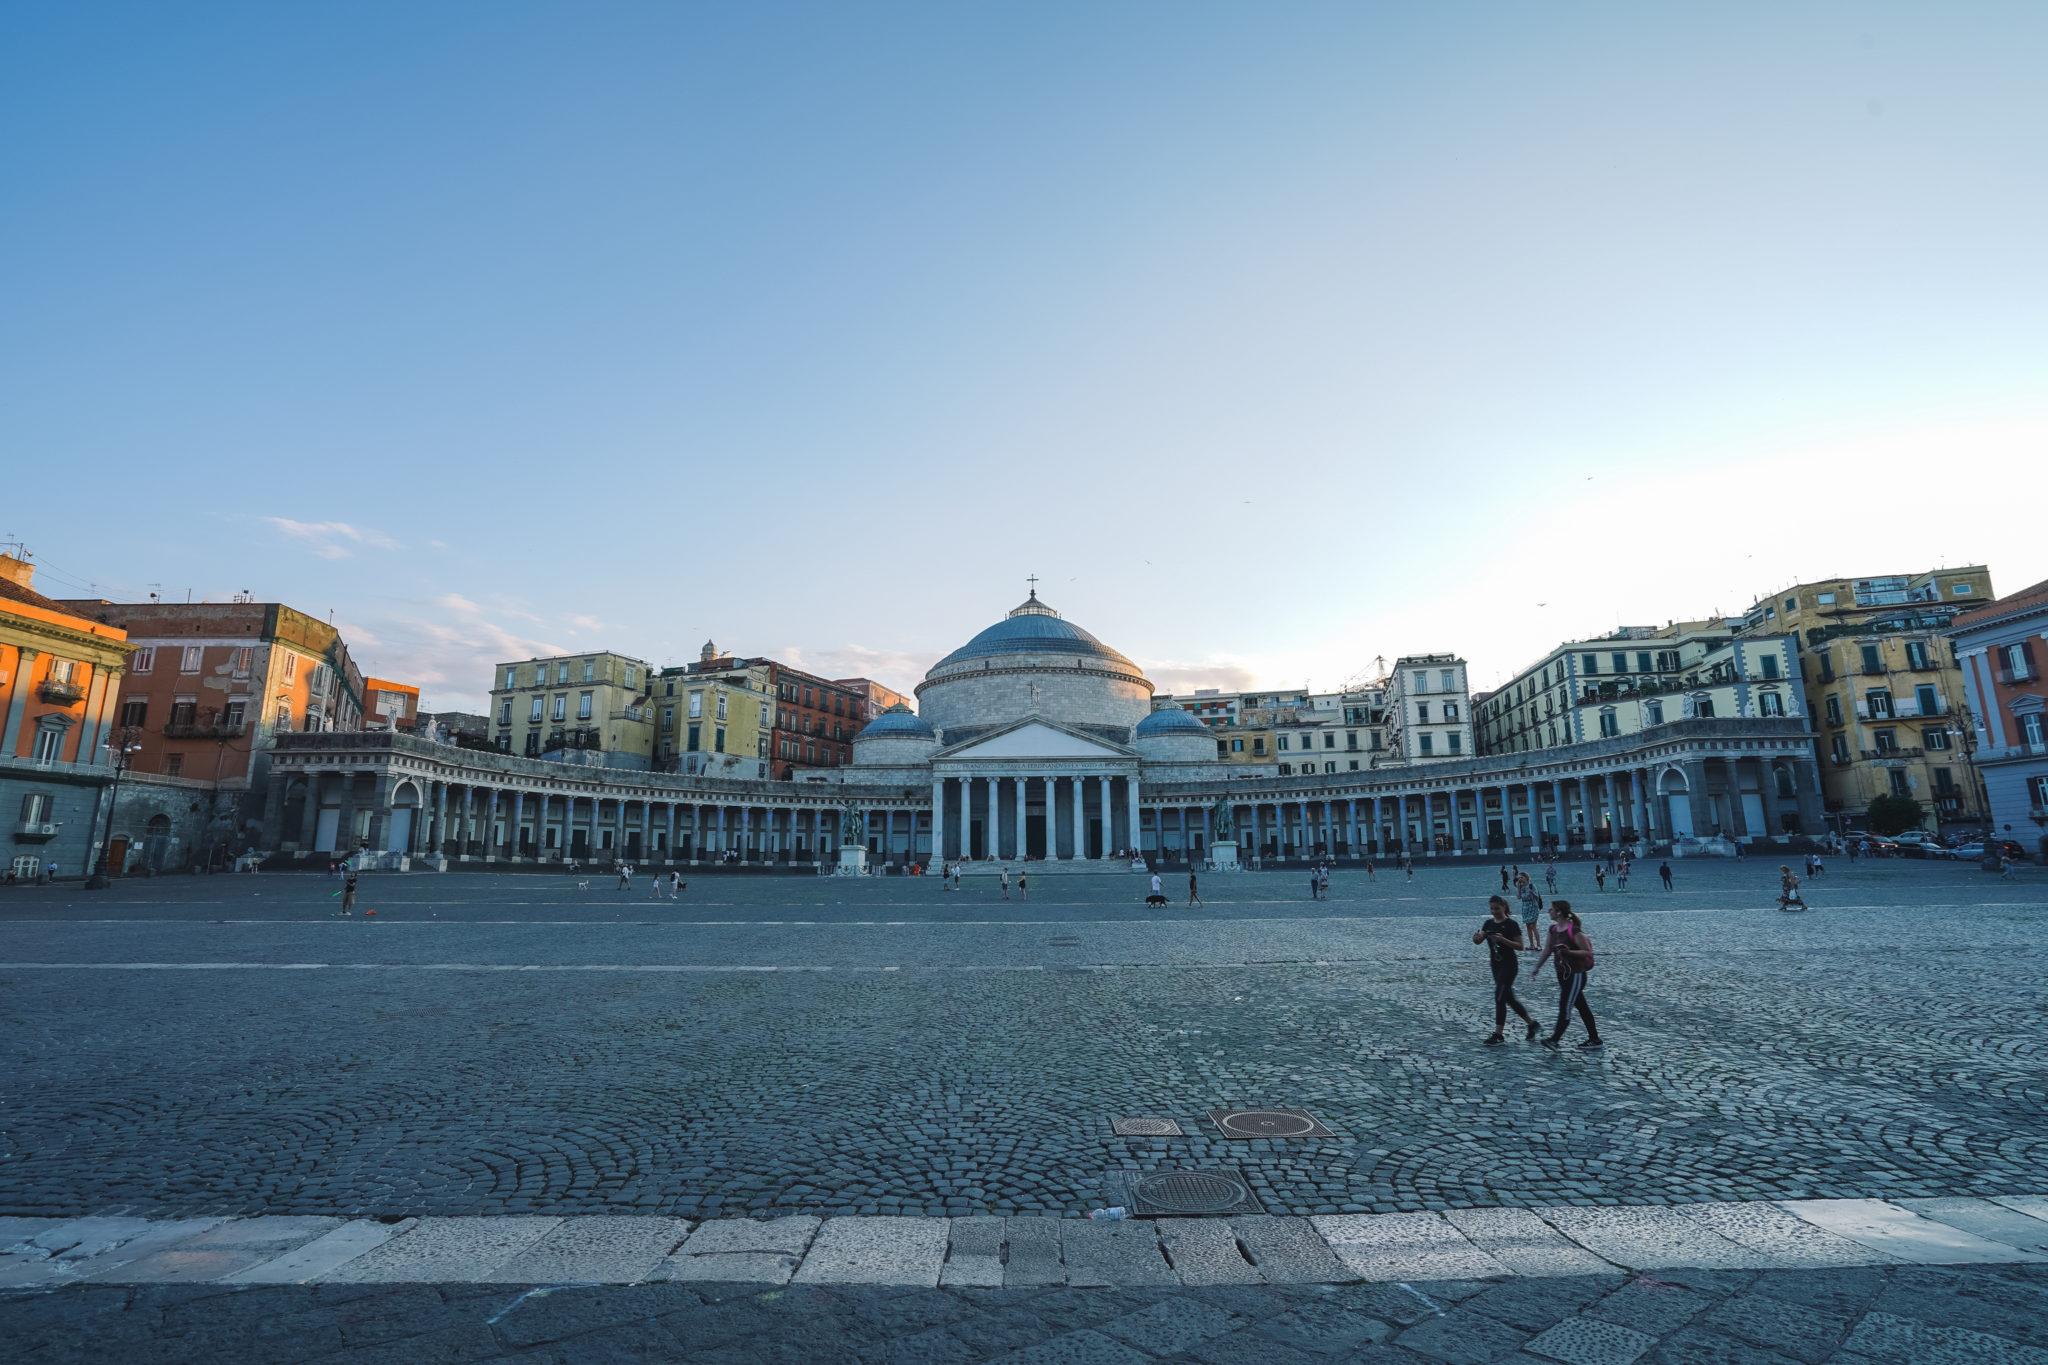 naples-visiter-city-guide-piazza-del-plebiscito